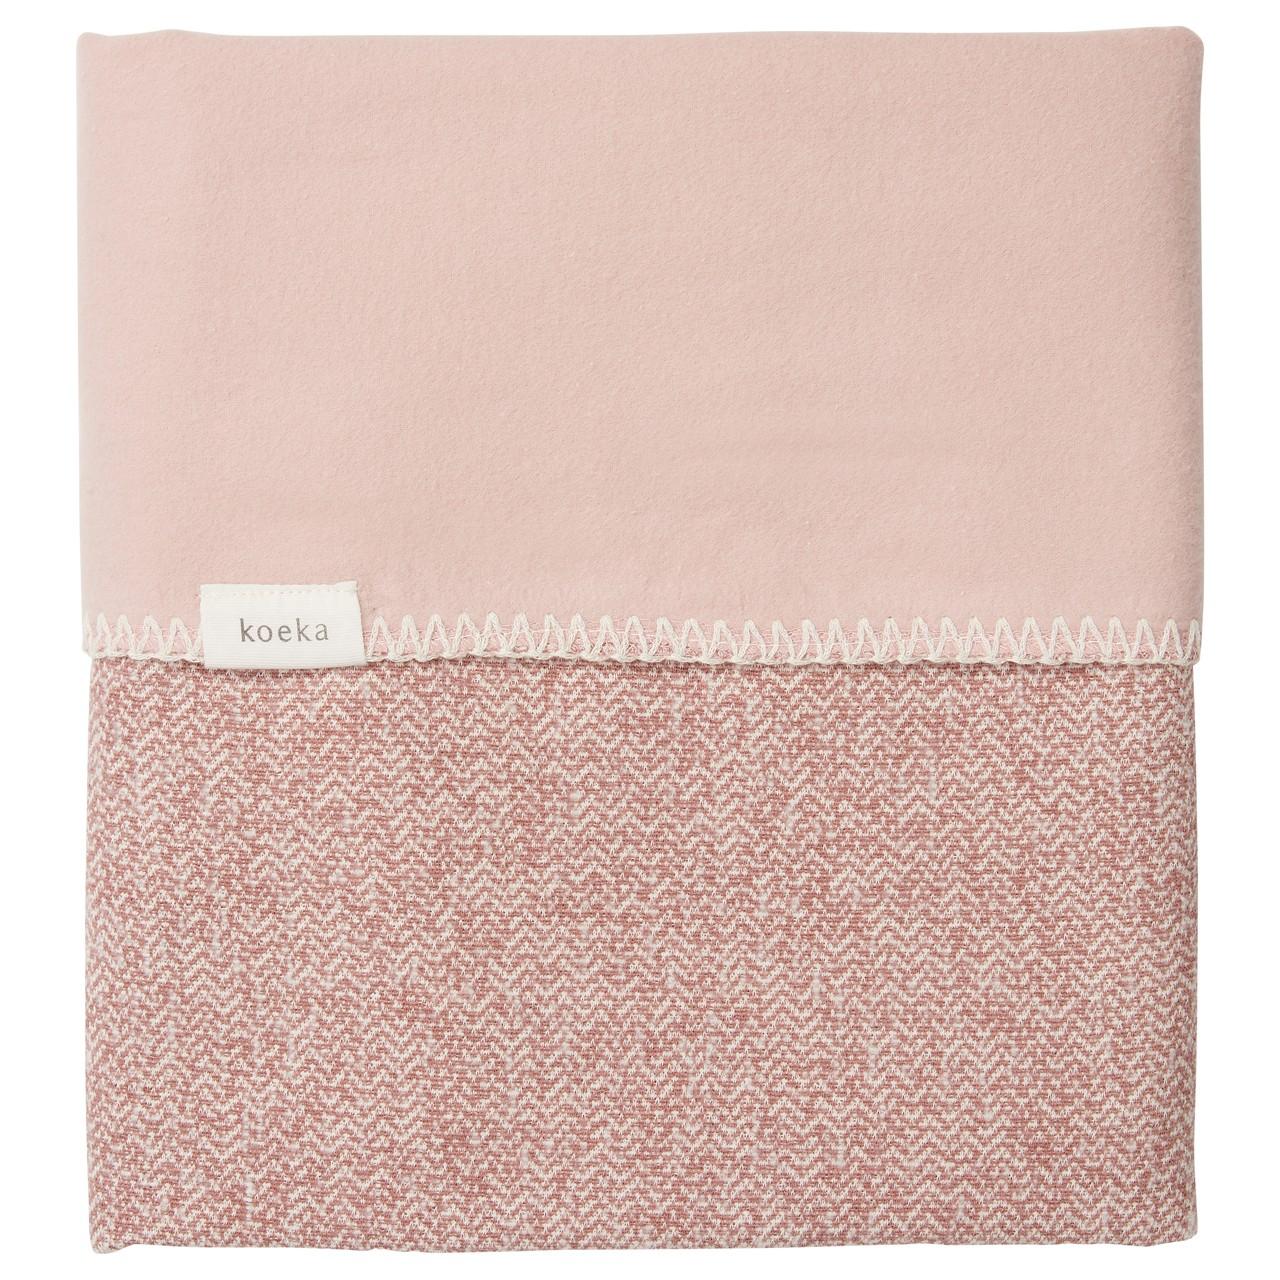 Koeka   Deken Ledikant Vigo Flanel 1069-0004 Old Pink-Shadow Pink